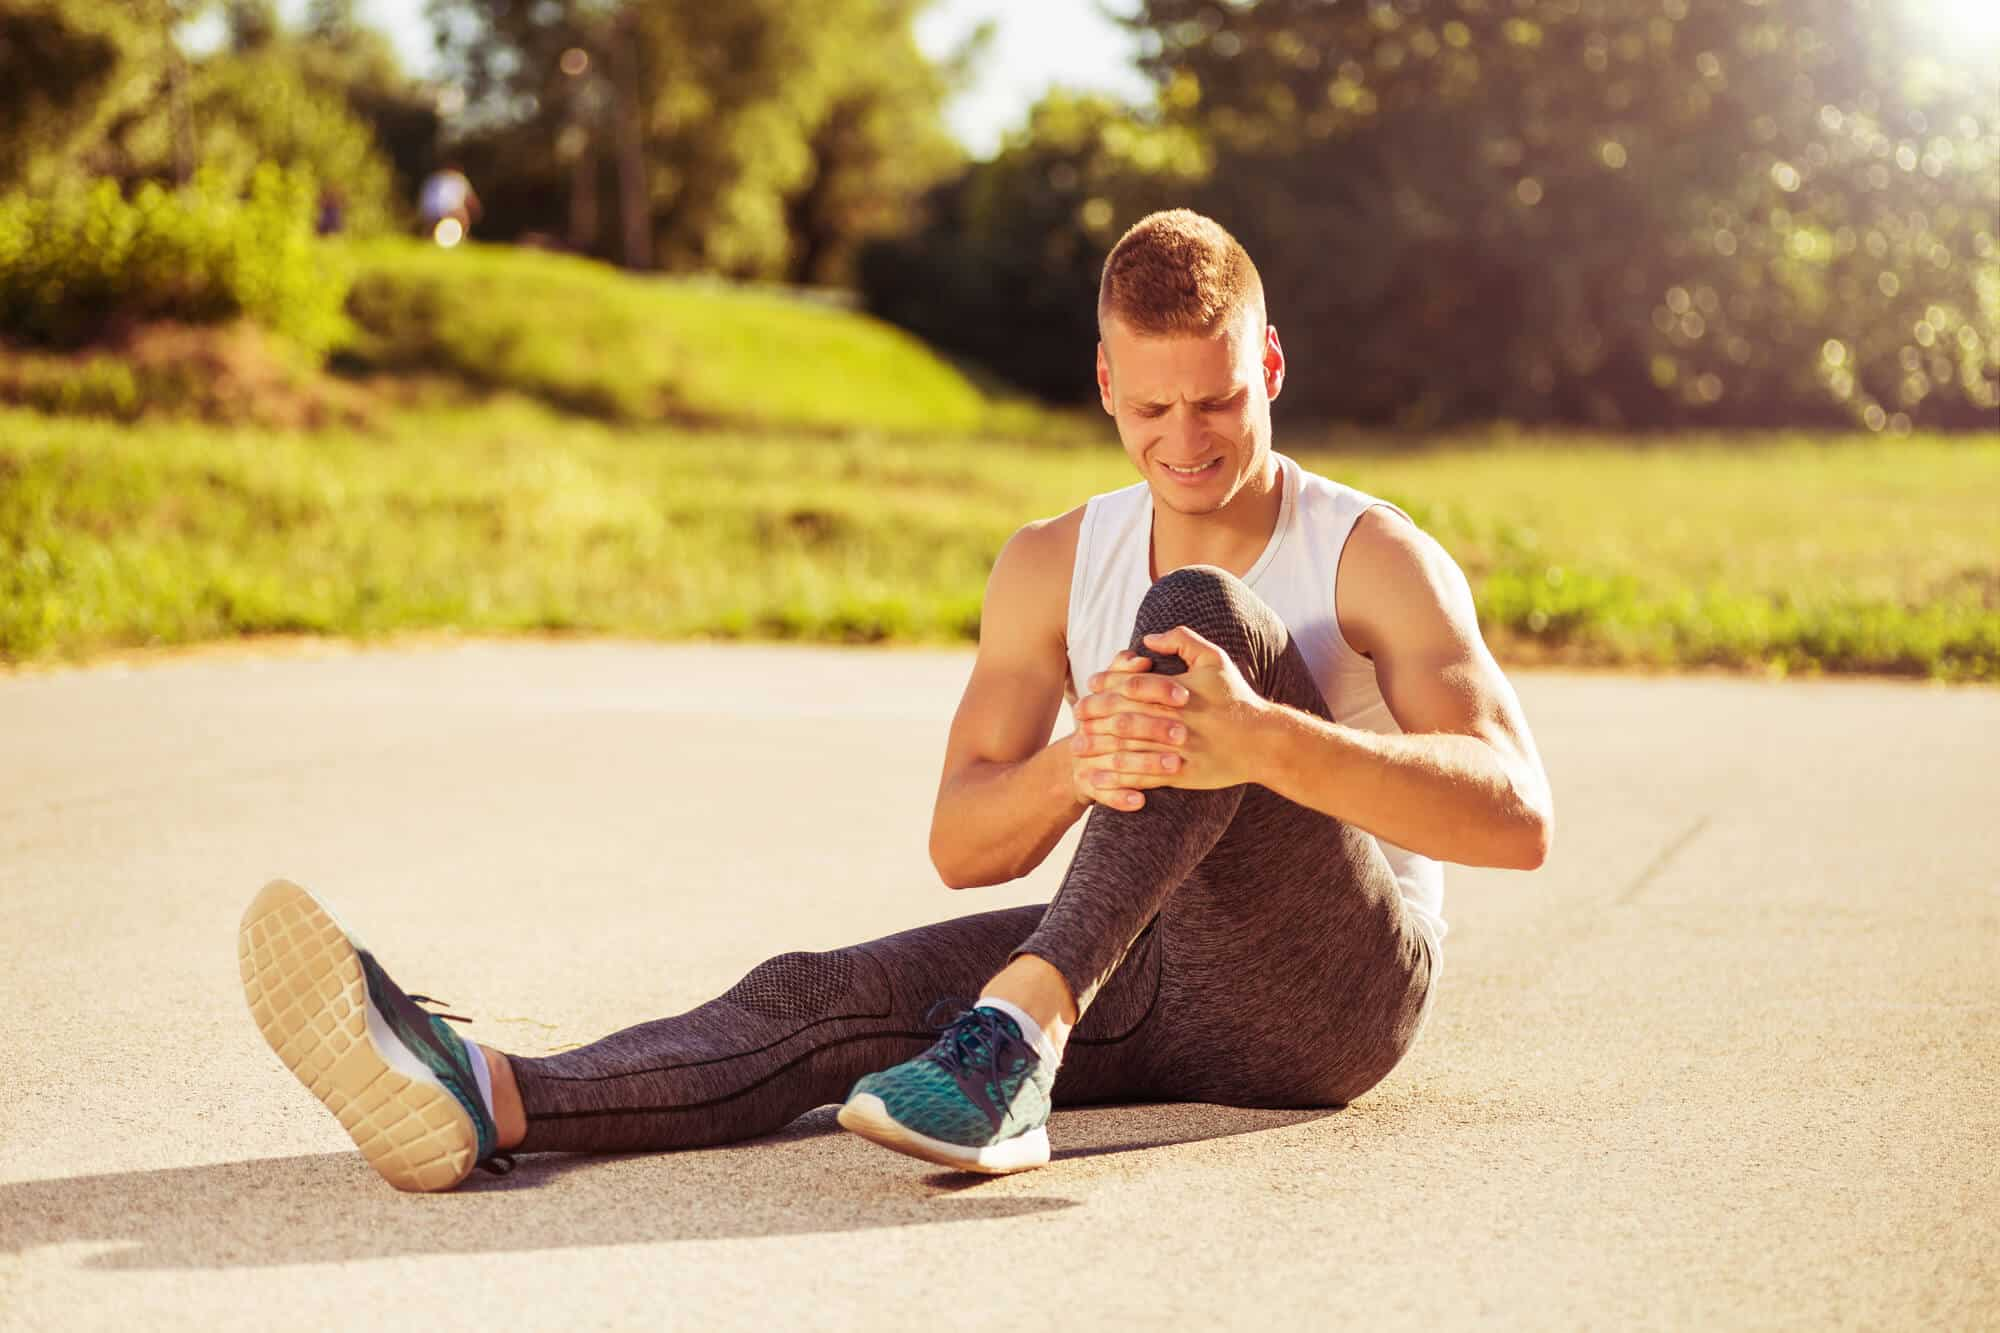 איך מונעים כאבי שרירים אחרי האימון